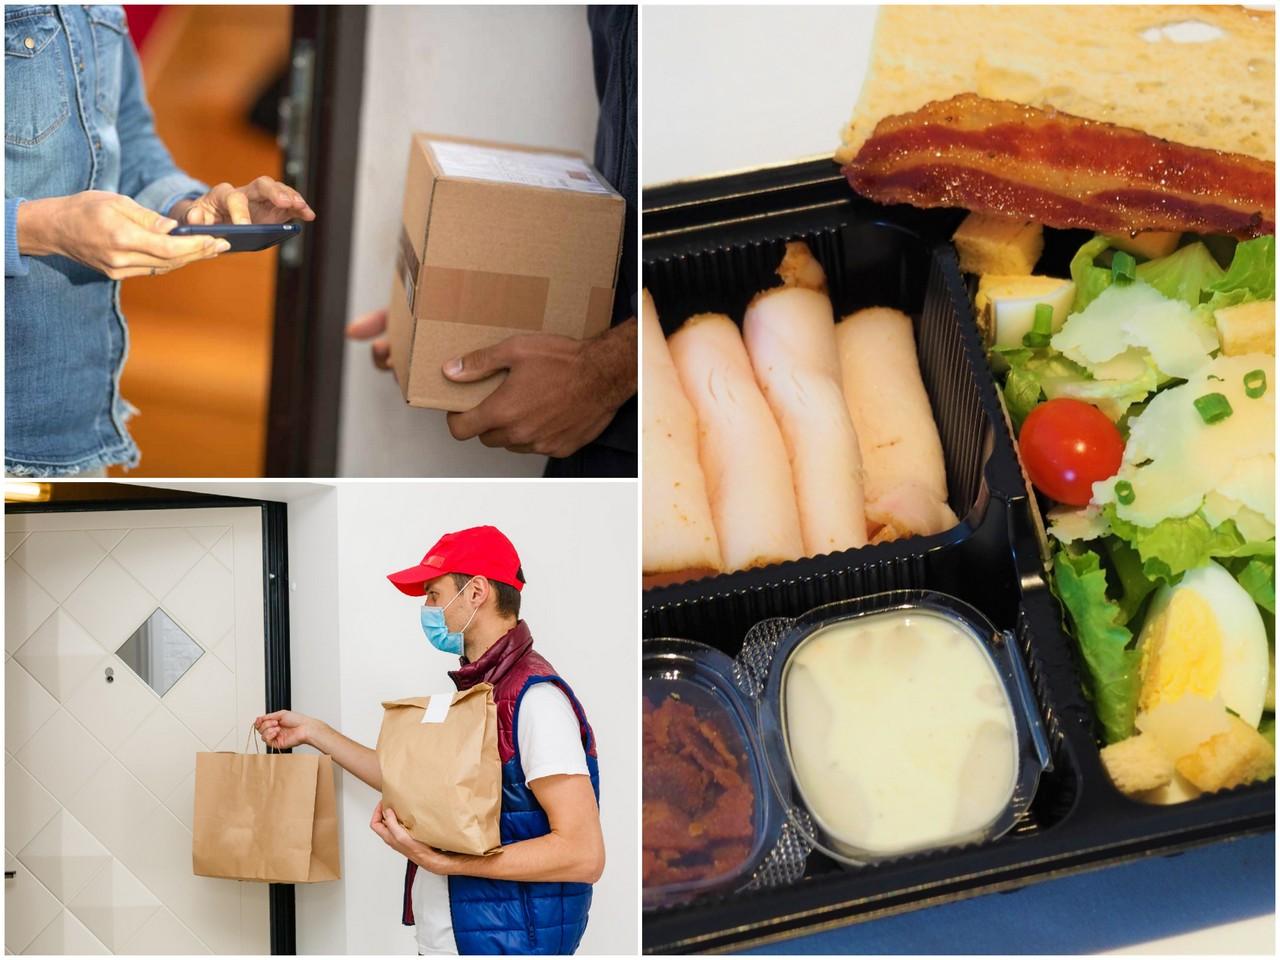 Доставка еды на дом стала доступней